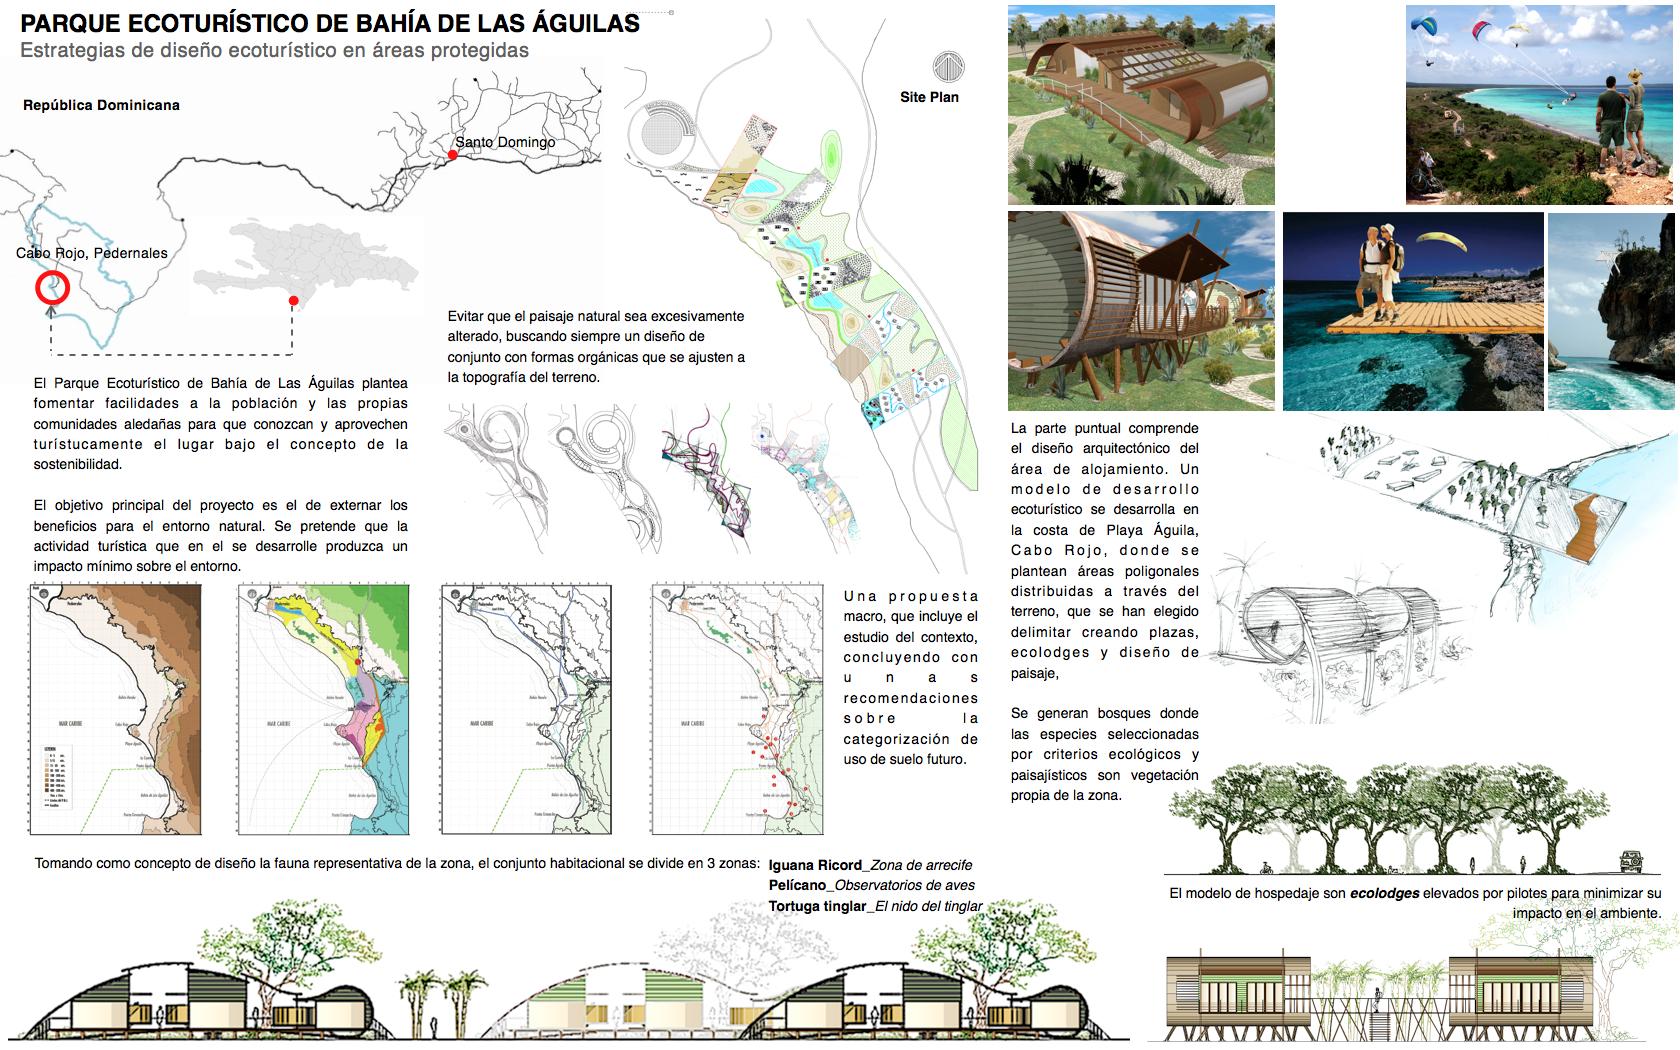 Parque Ecoturistico de Bahia de Las Aguilas